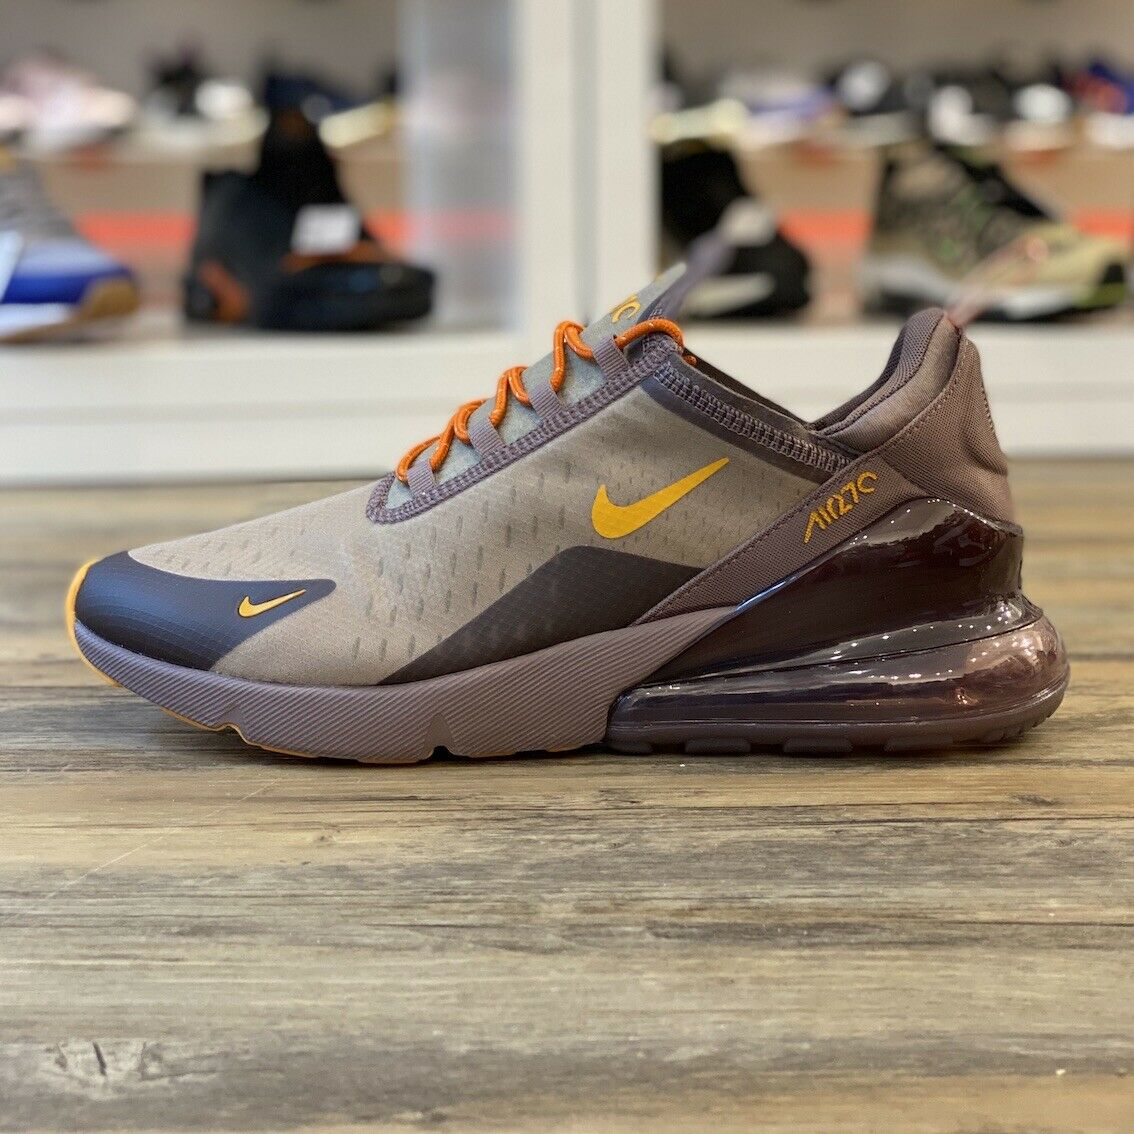 Nike Air Max 270 ID Gr.45,5 Turnschuhe Schuhe braun AT7467 996 Classic Retro